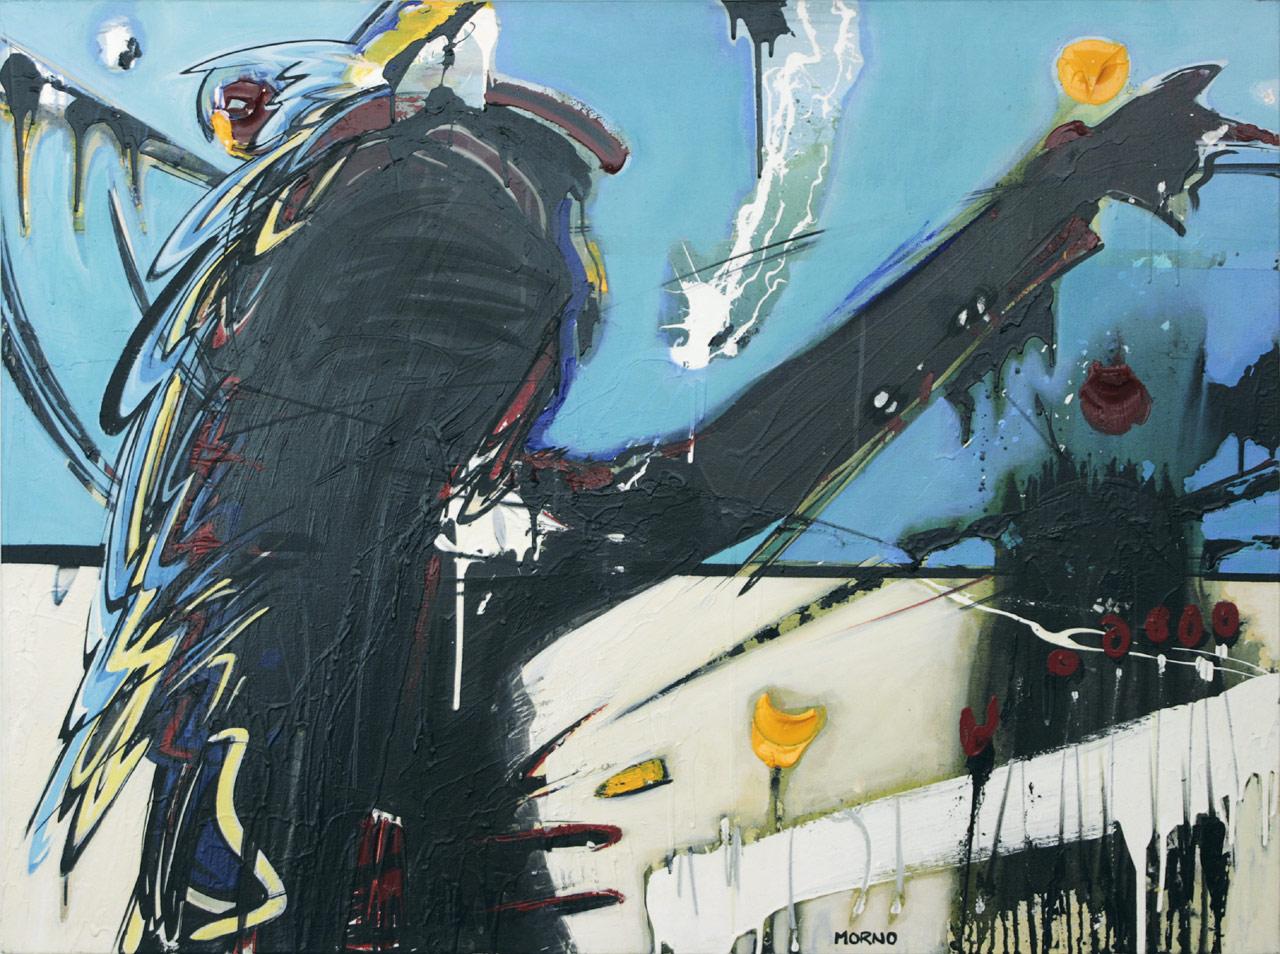 Go !, 2008. Caroline Morneau. Peinture sur toile, 92 cm x 122 cm. © L'Artothèque